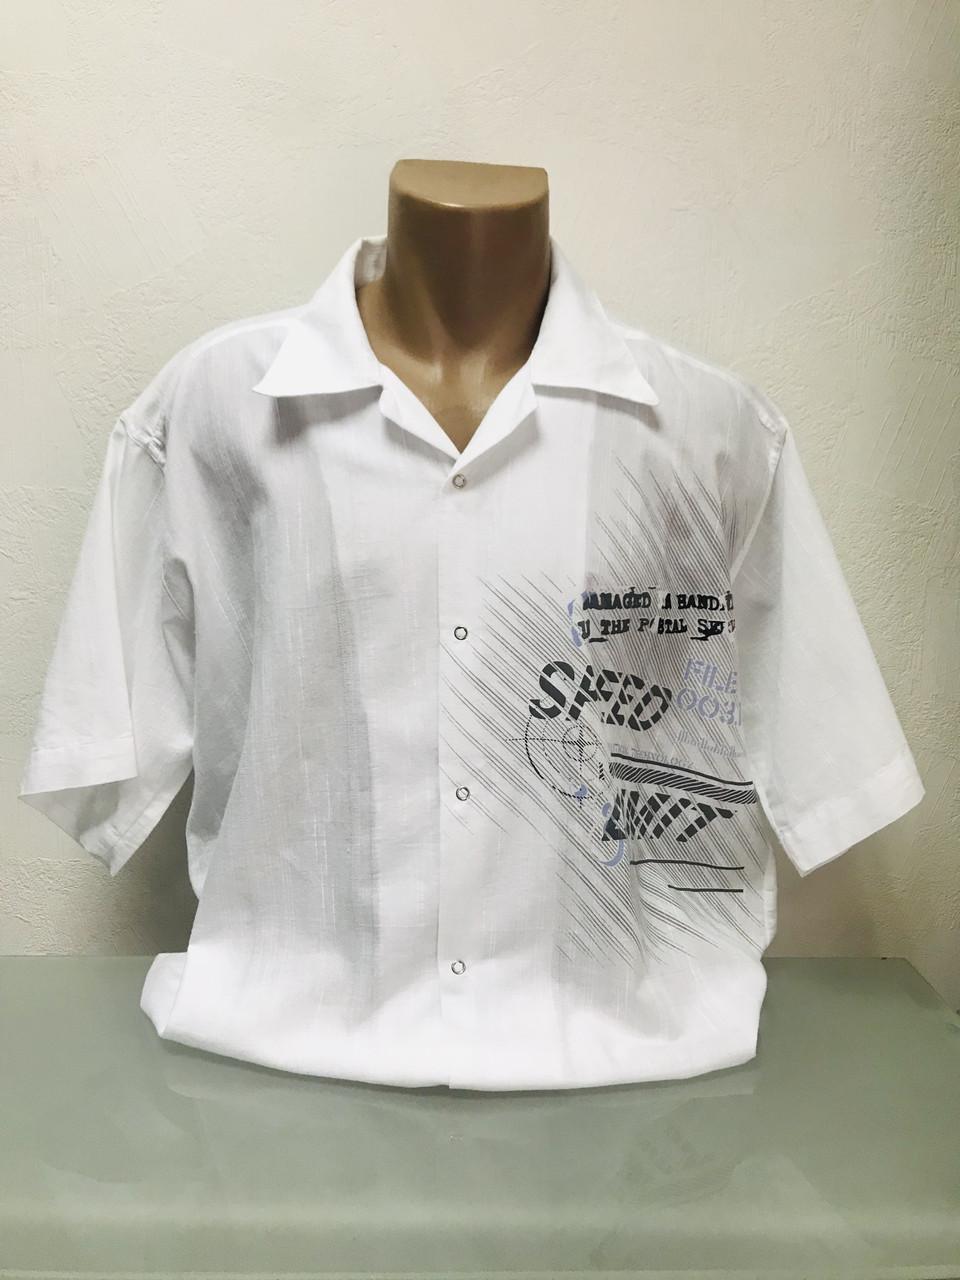 Шведка тенниска рубашка с коротким рукавом мужская белая лен  Fill Pucci РАЗМЕР+